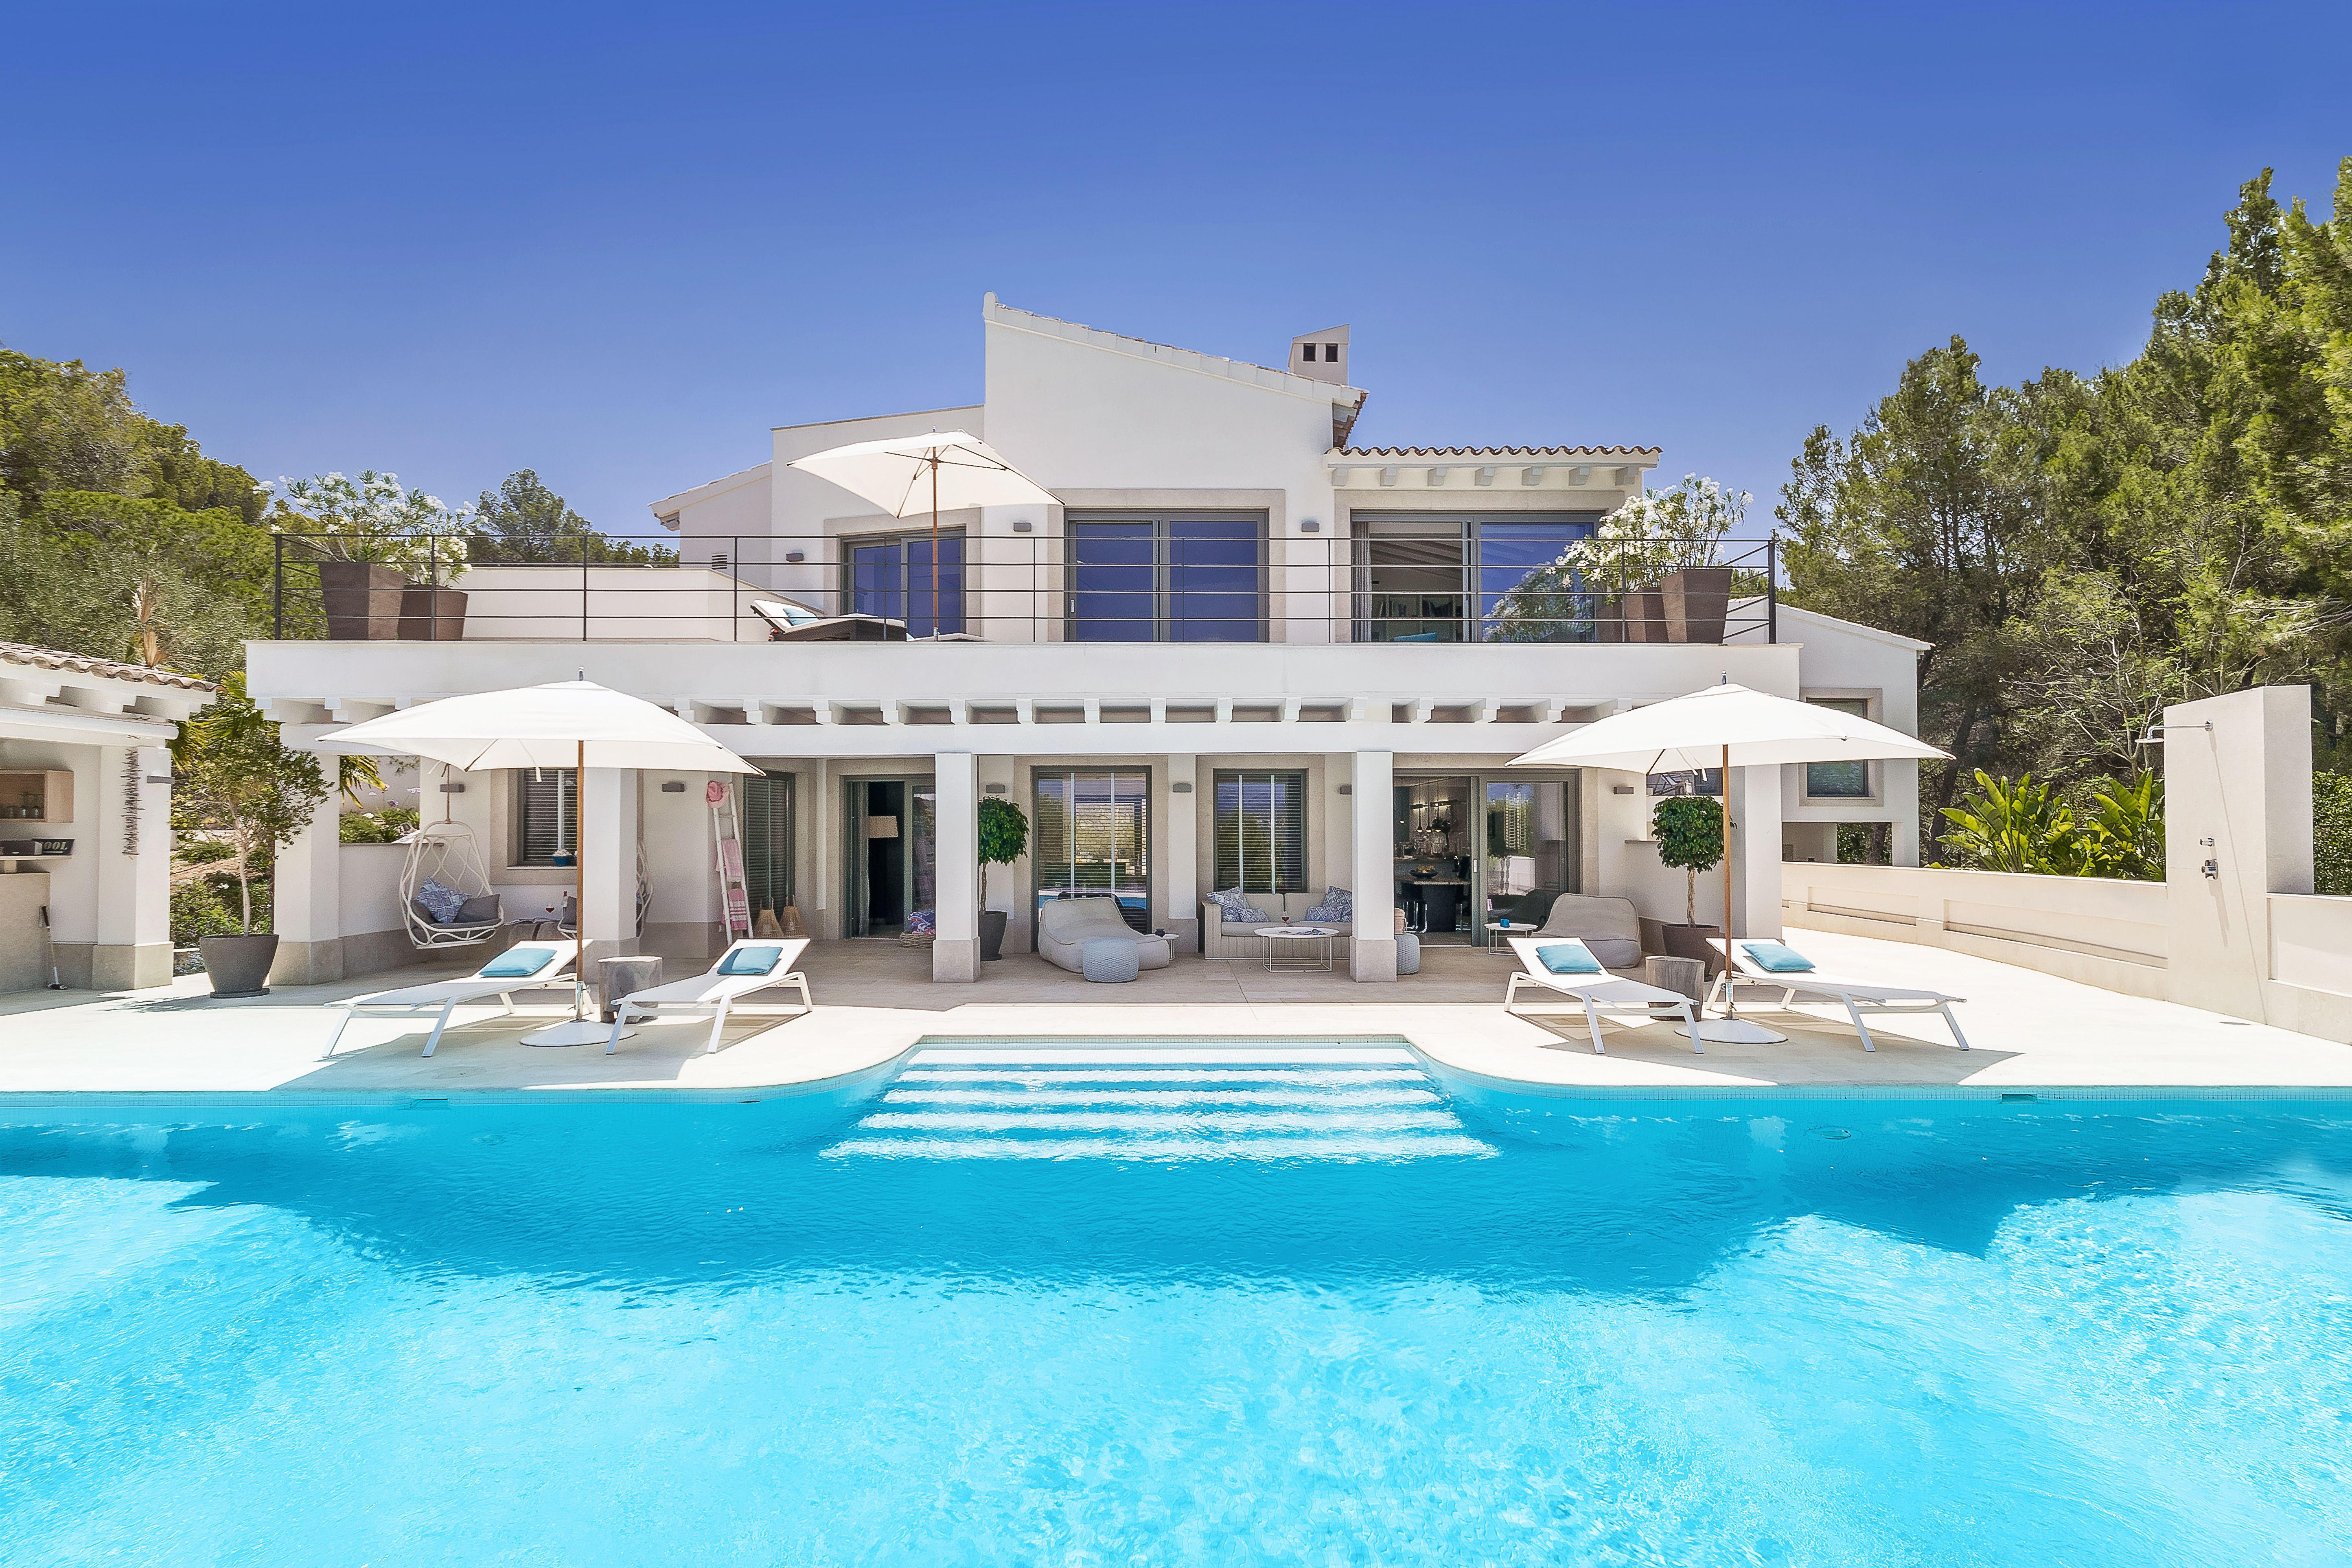 Haus Kaufen Auf Mallorca Mansions Modern Luxury Mallorca